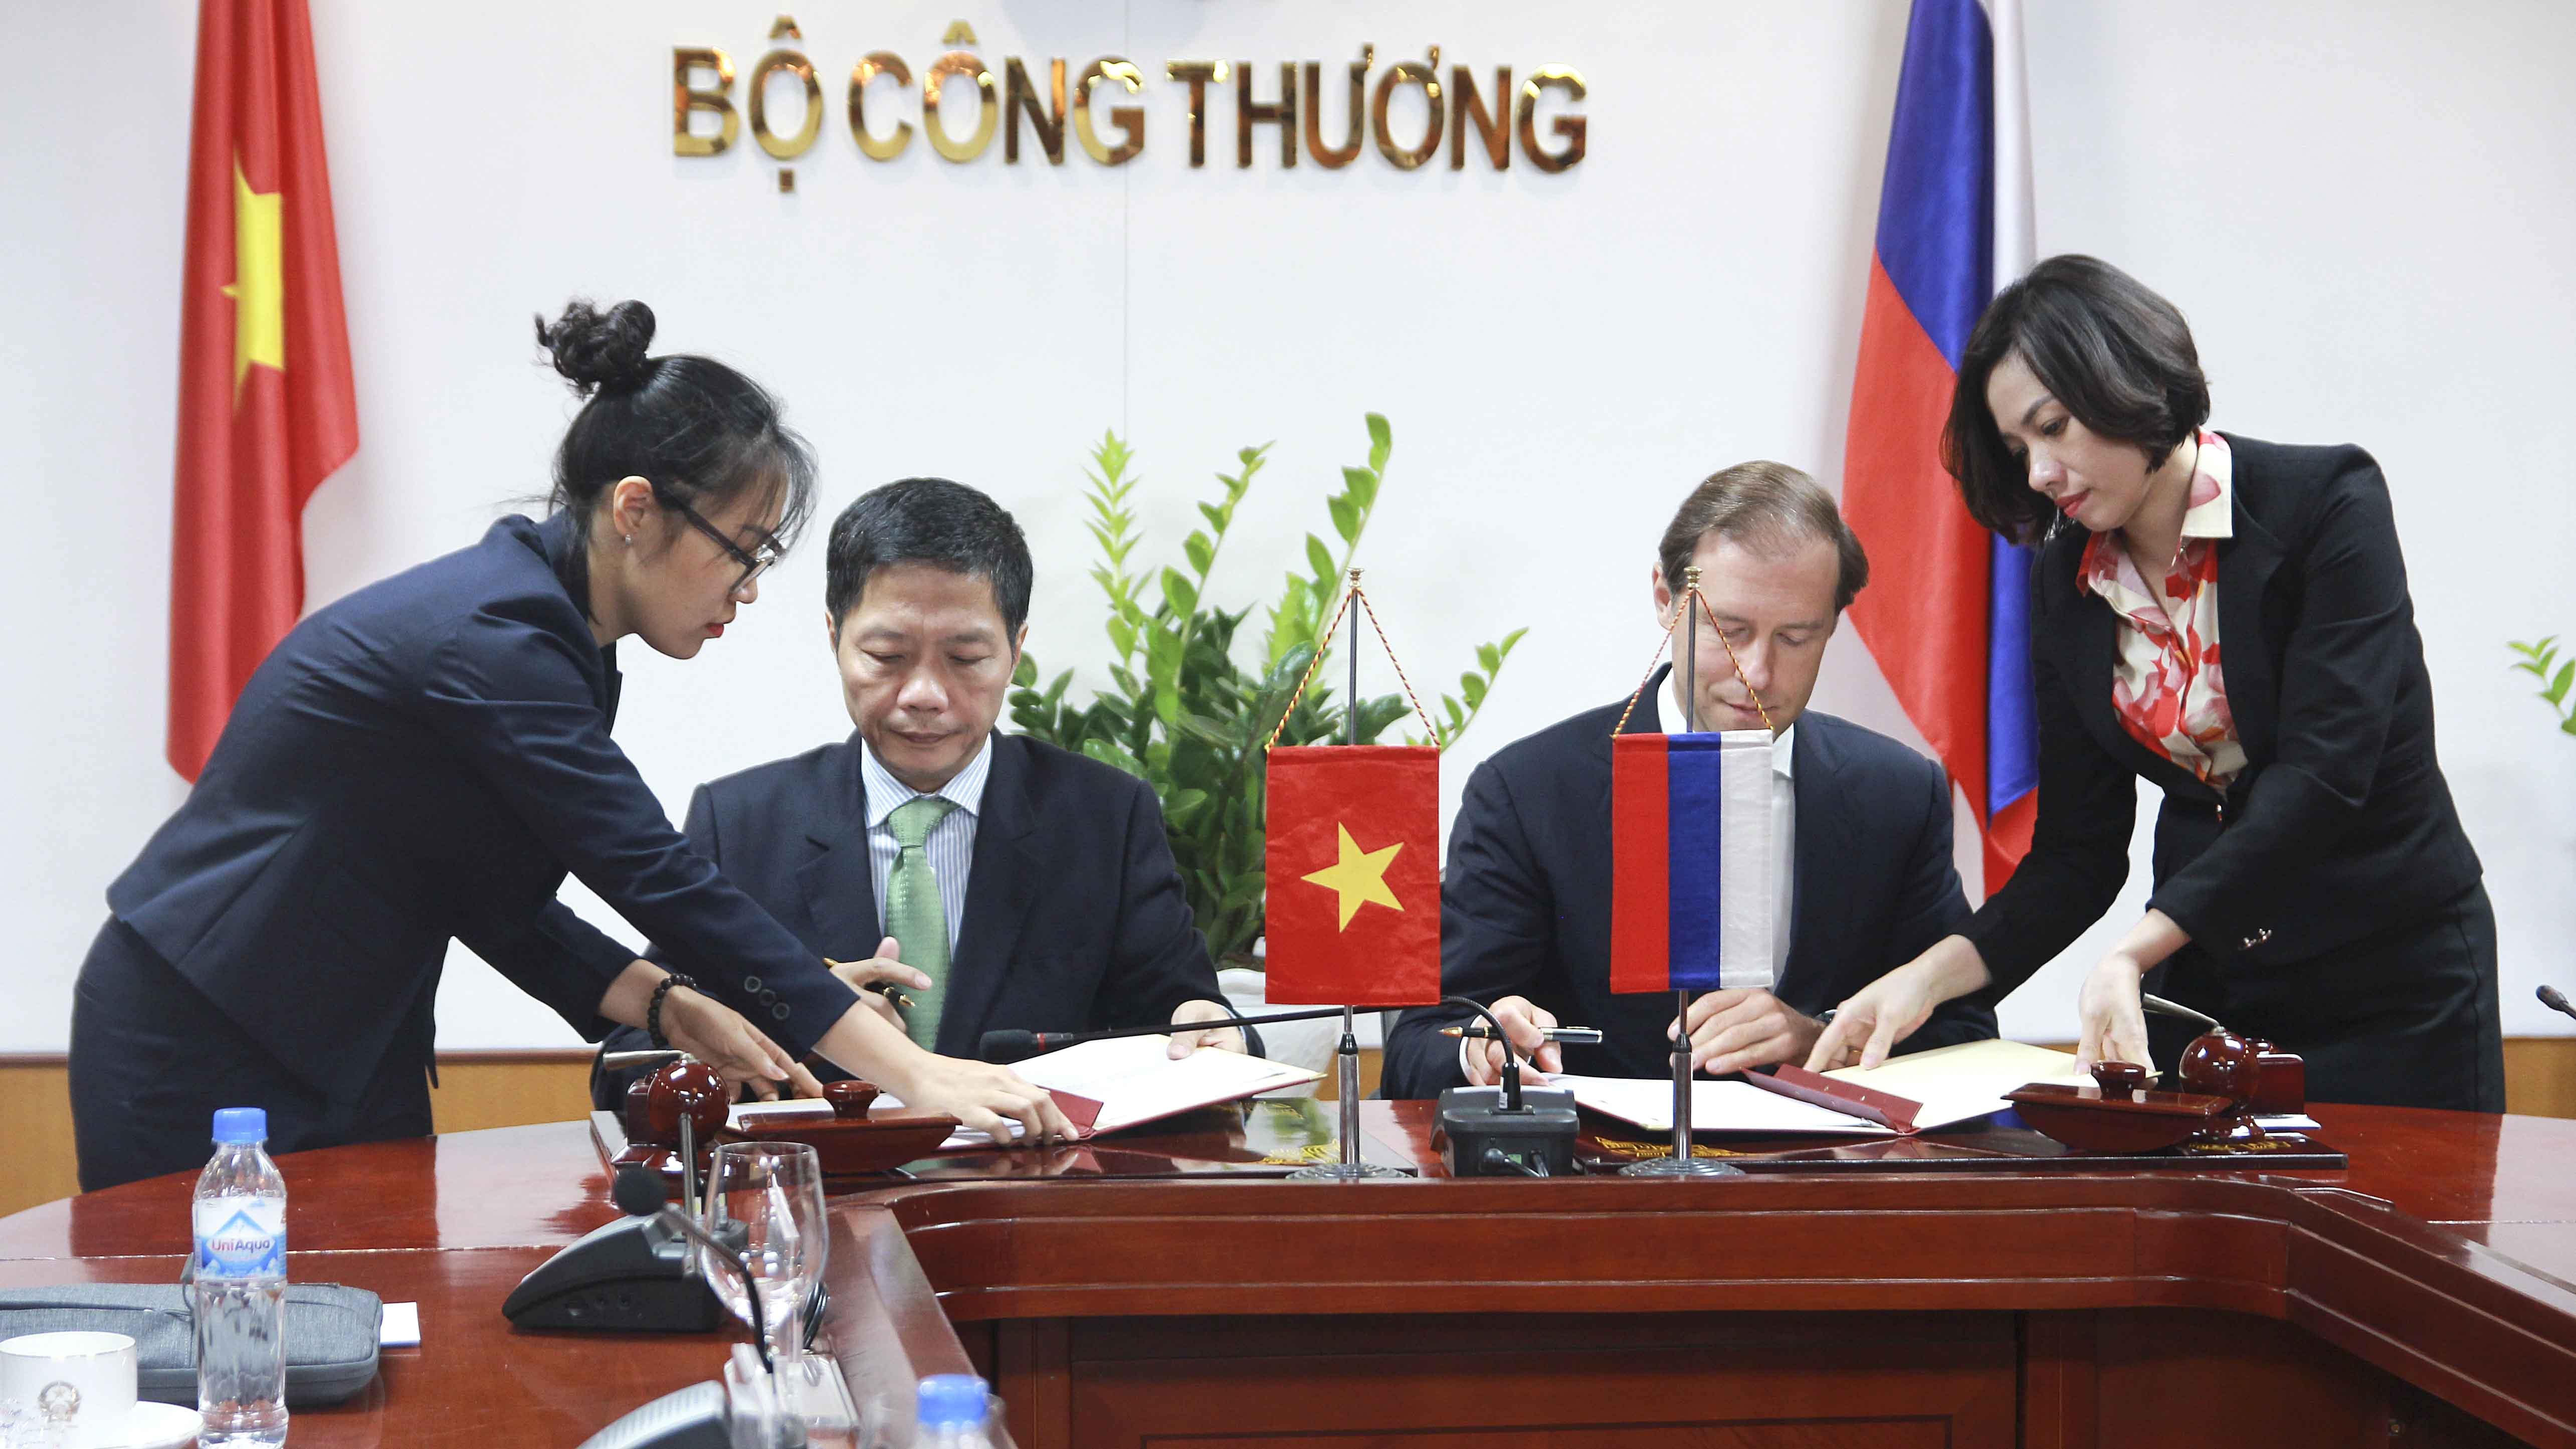 Bộ trưởng Bộ Công Thương Việt Nam tiếp Bộ trưởng Công Thương LB Nga